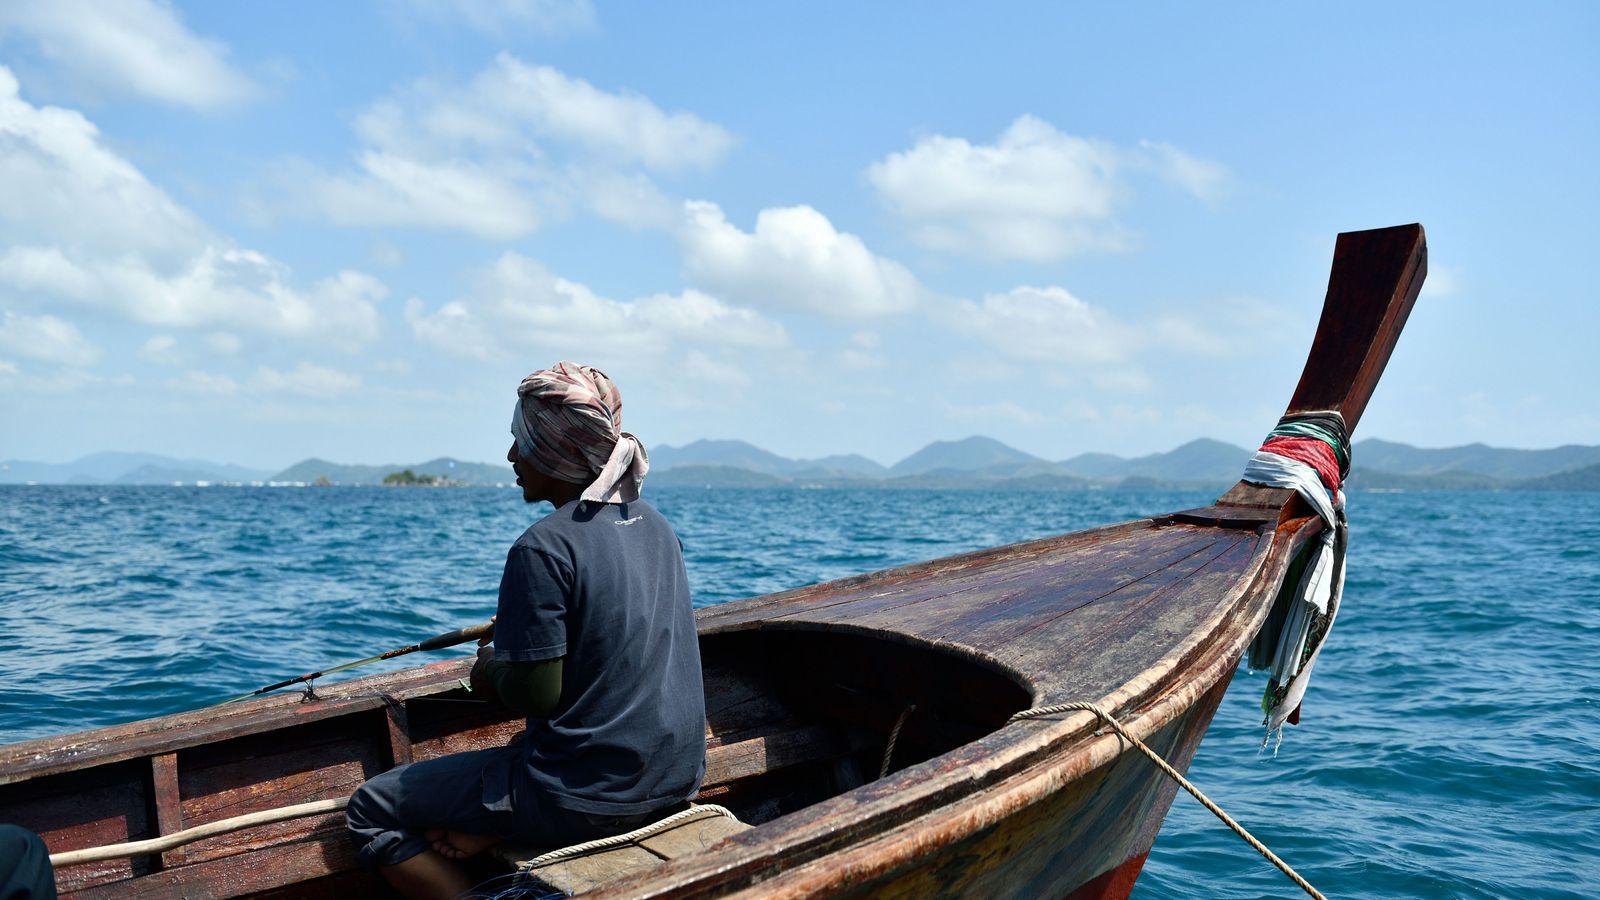 Journée de pêche à bord d'une pirogue traditionnelle. Aujourd'hui, la mer est trop agitée pour jeter ...